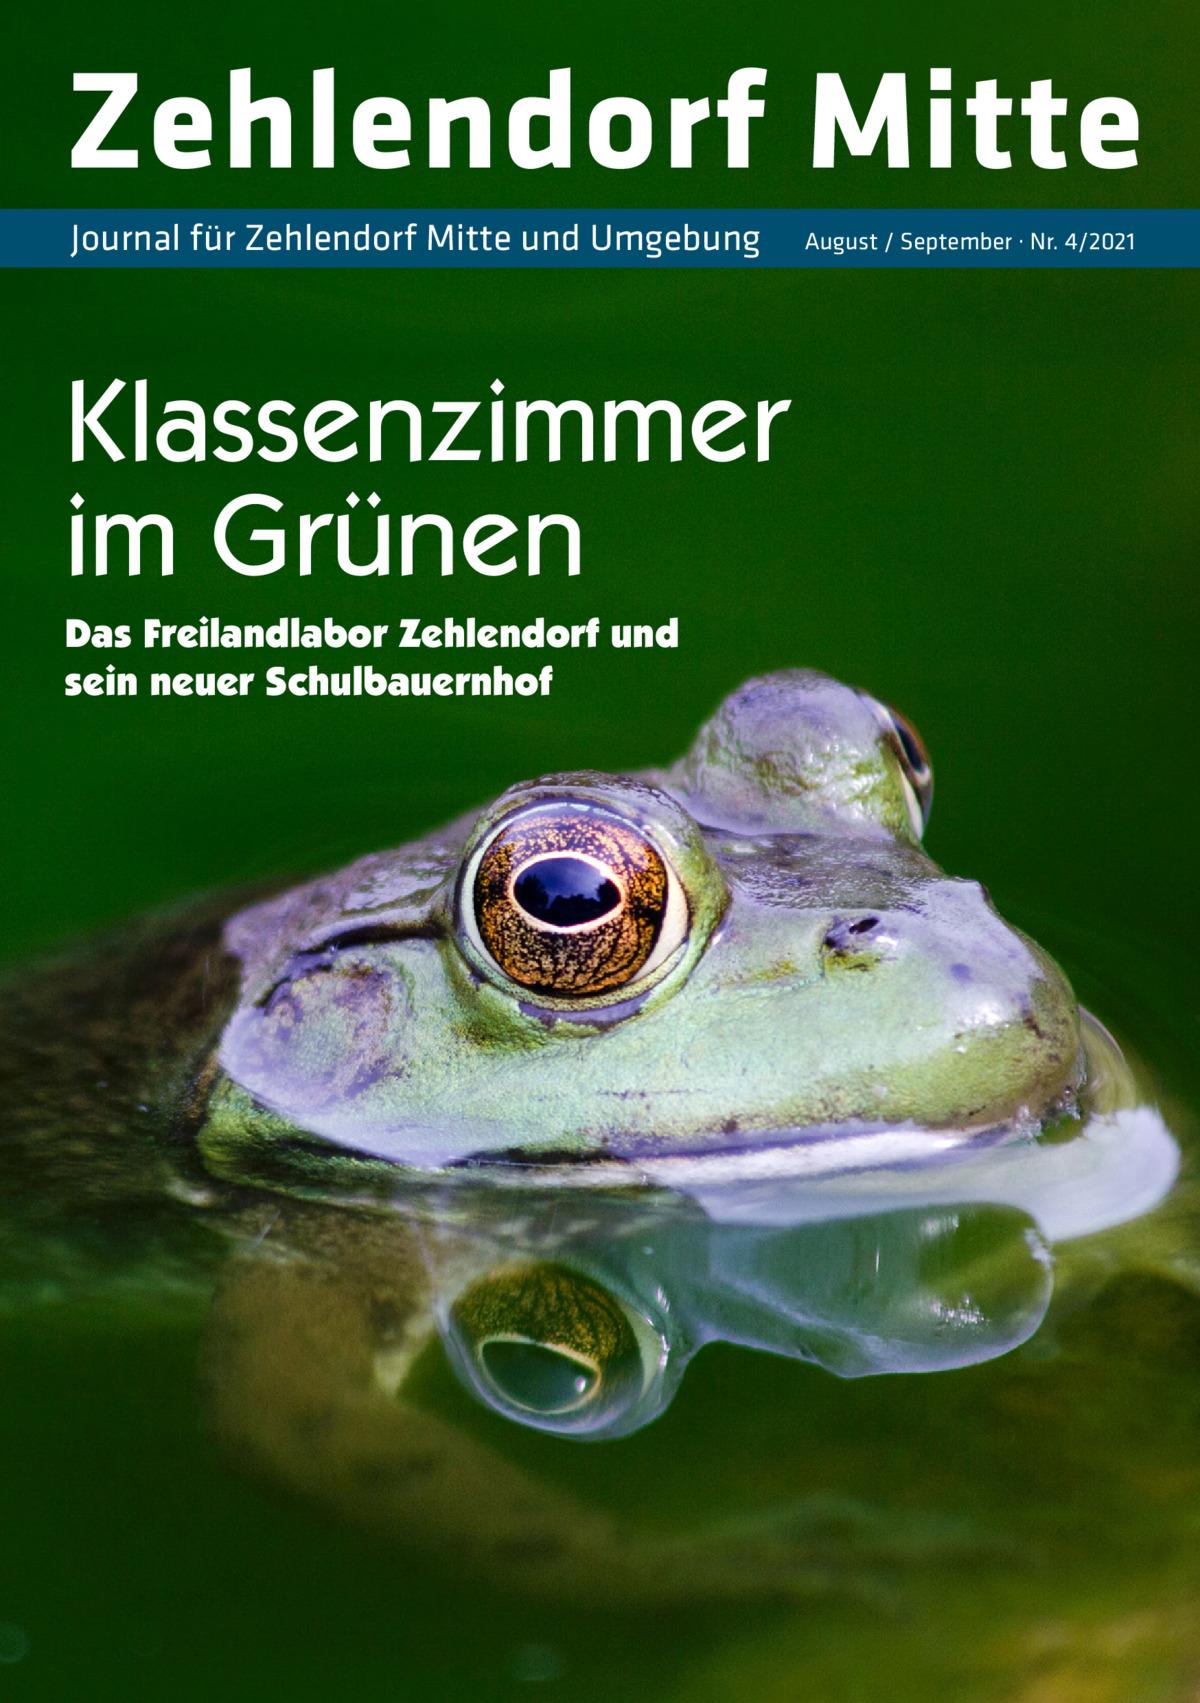 Zehlendorf Mitte Journal für Zehlendorf Mitte und Umgebung  Klassenzimmer im Grünen Das Freilandlabor Zehlendorf und sein neuer Schulbauernhof  August / September · Nr. 4/2021